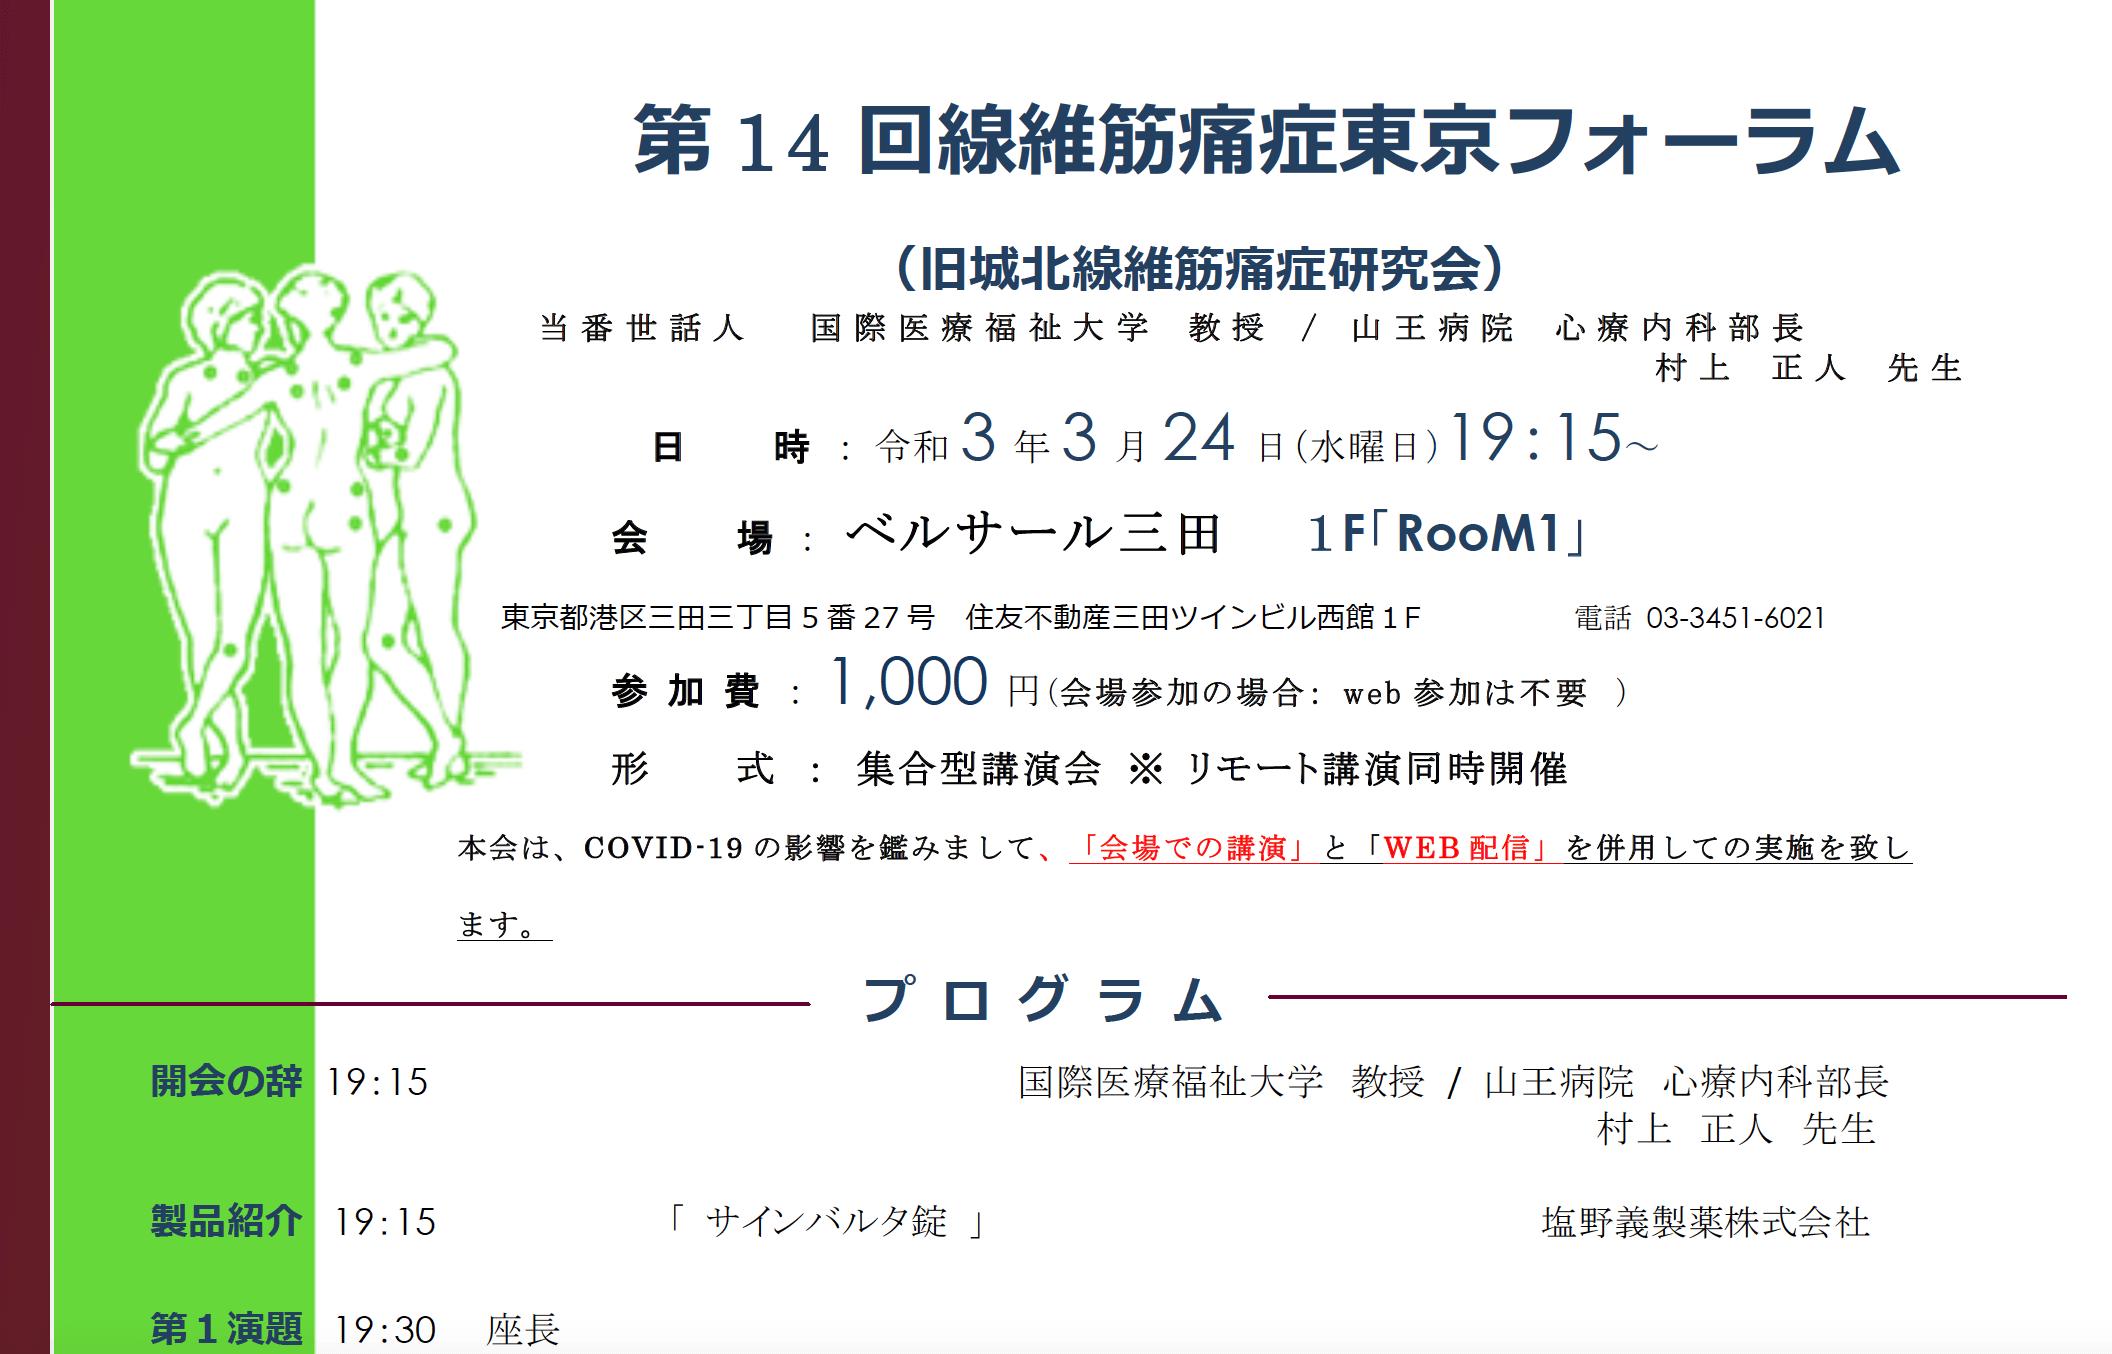 第14回 線維筋痛症東京フォーラム